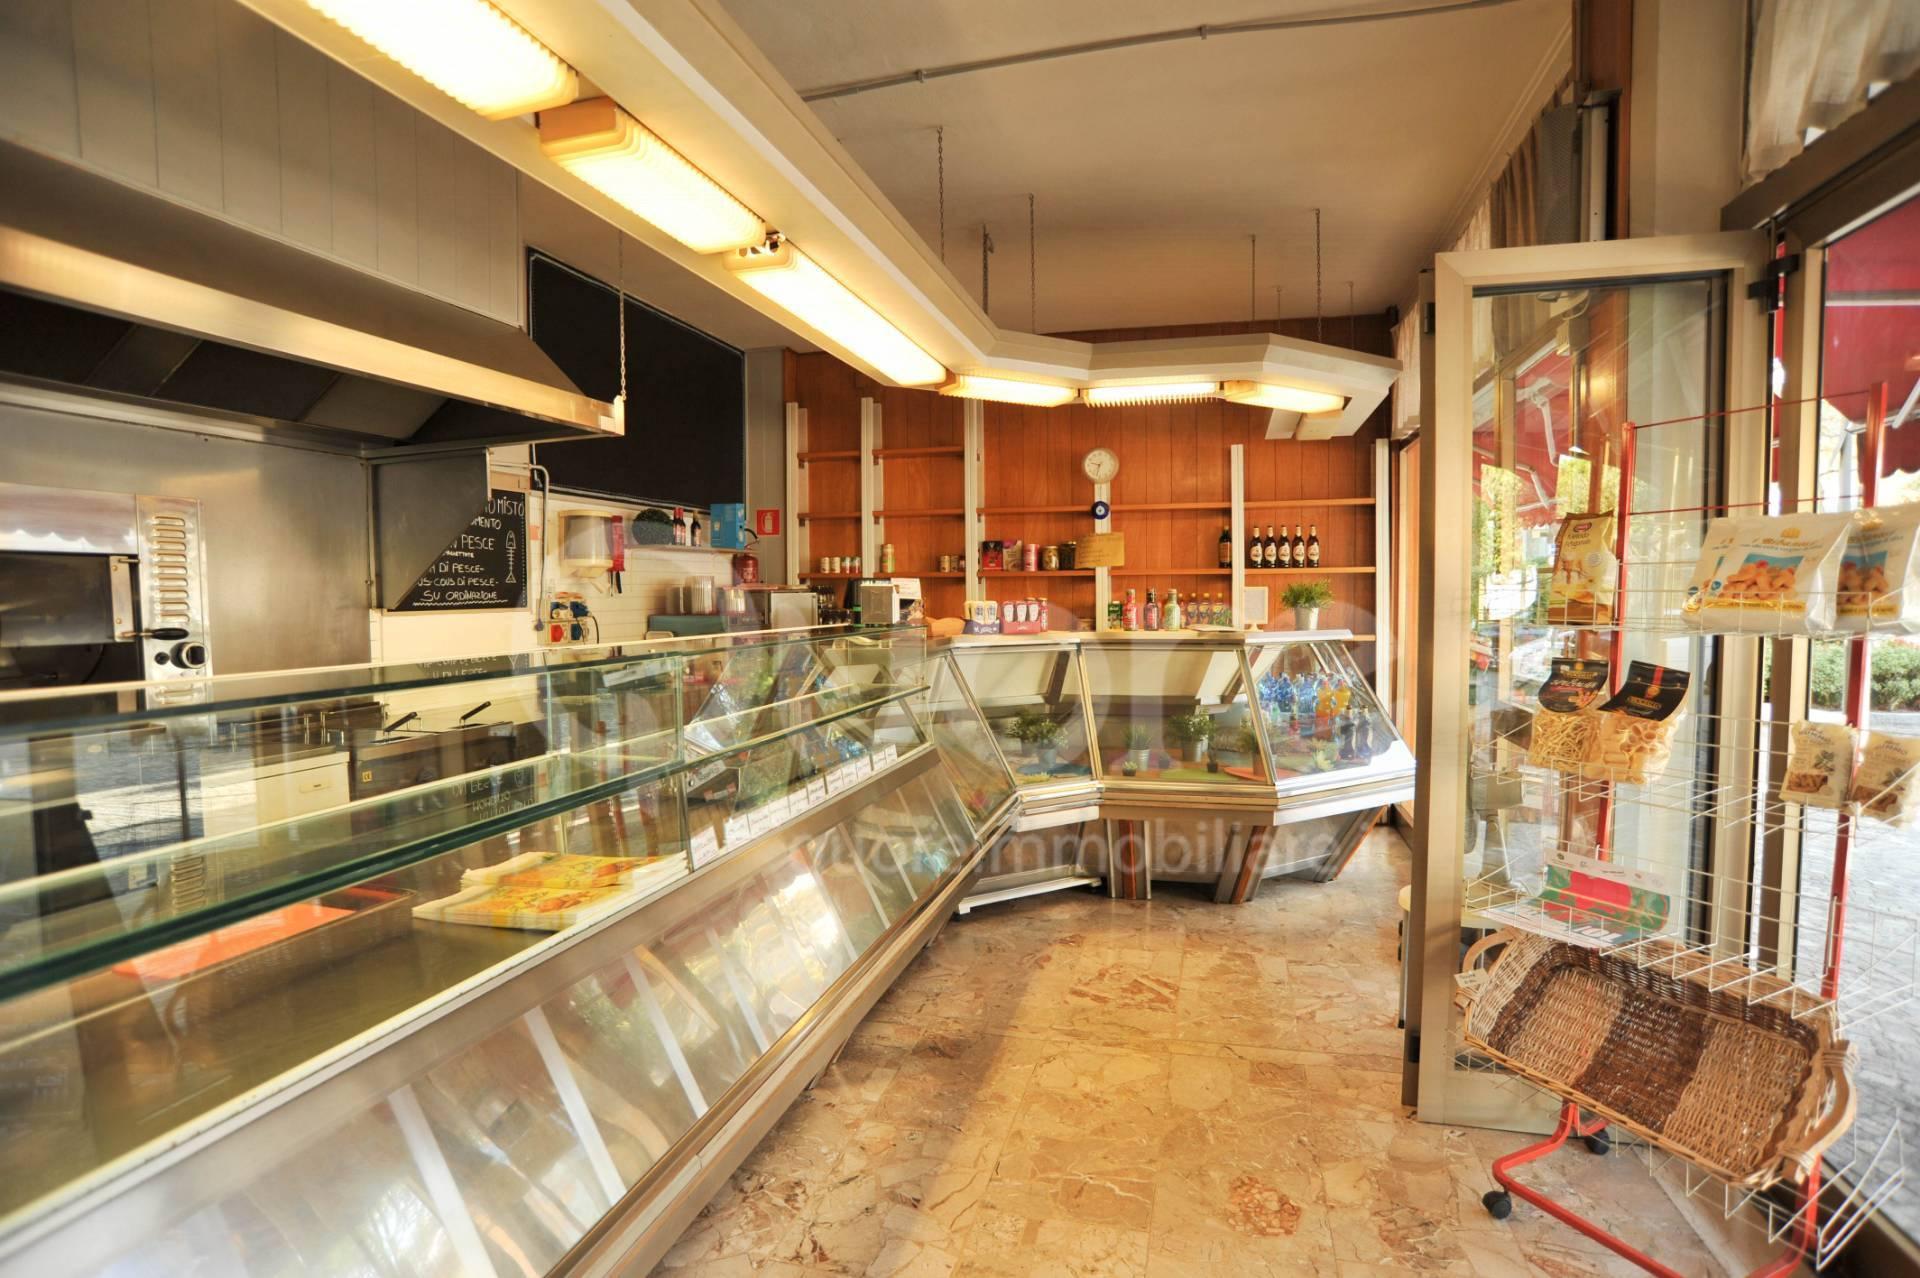 Attività / Licenza in vendita a Lignano Sabbiadoro, 9999 locali, prezzo € 160.000 | CambioCasa.it